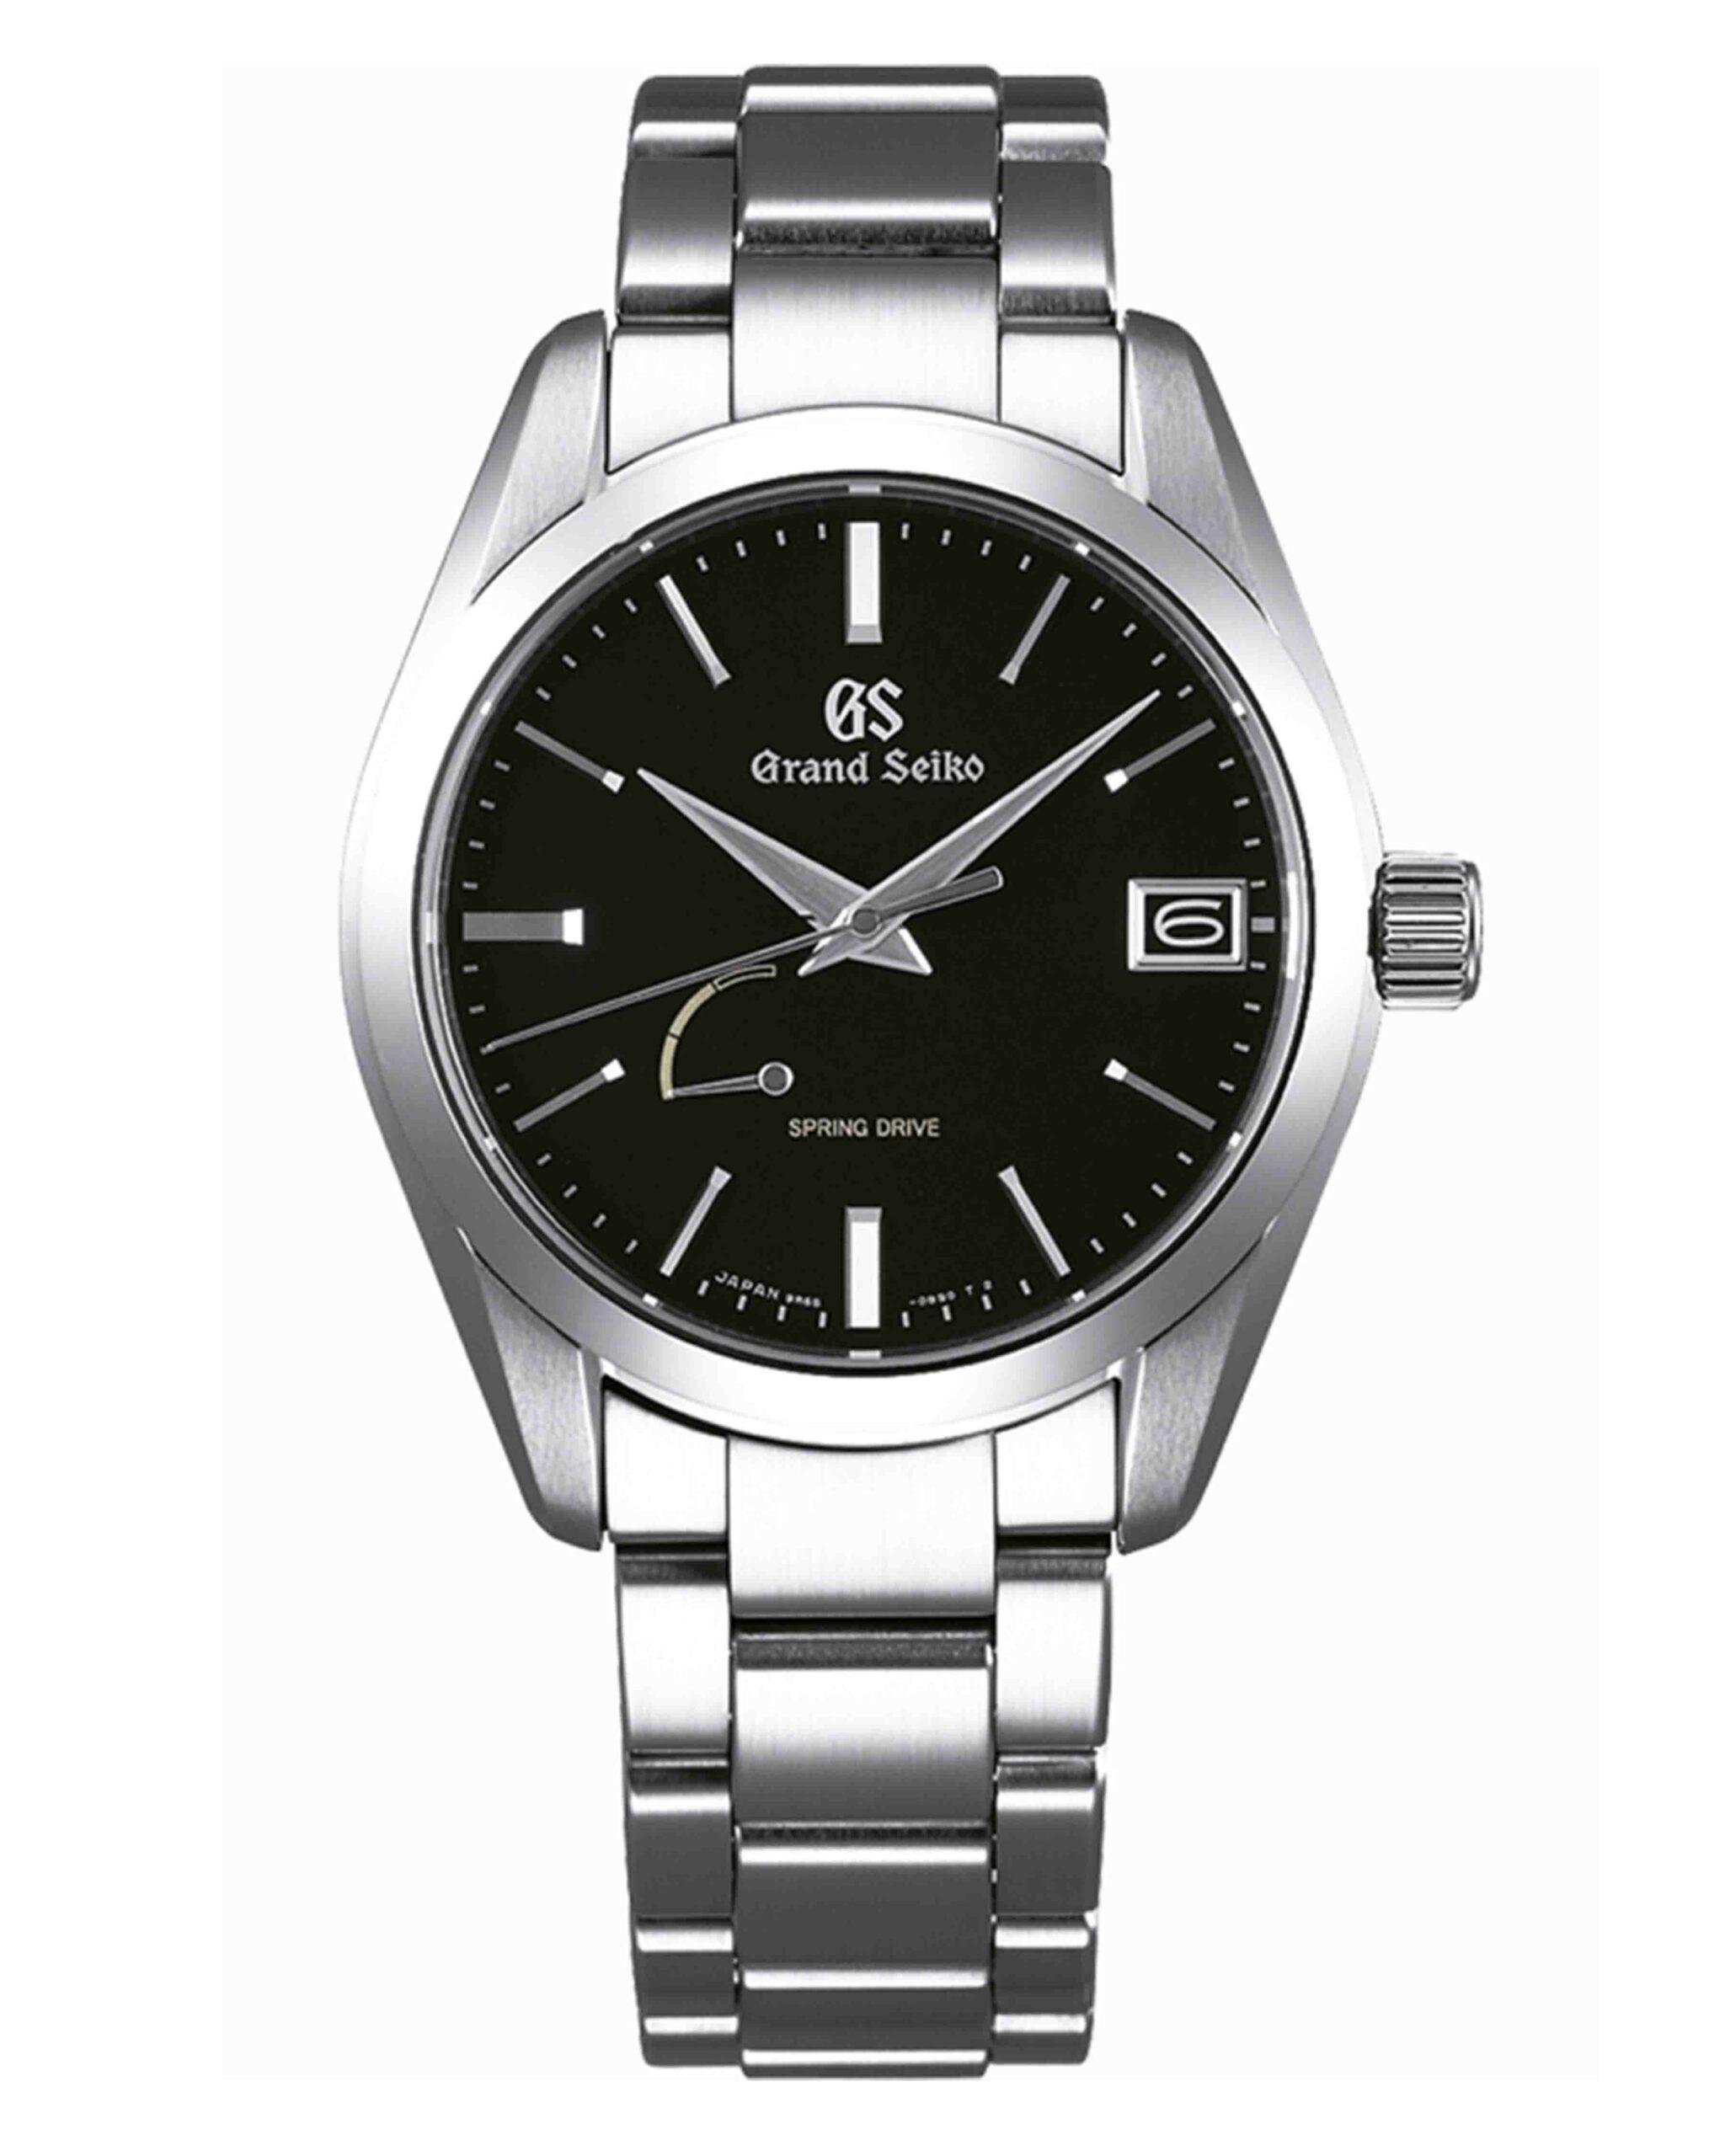 Die besten Uhren unter 5000 Euro: Grand Seiko SBGA285